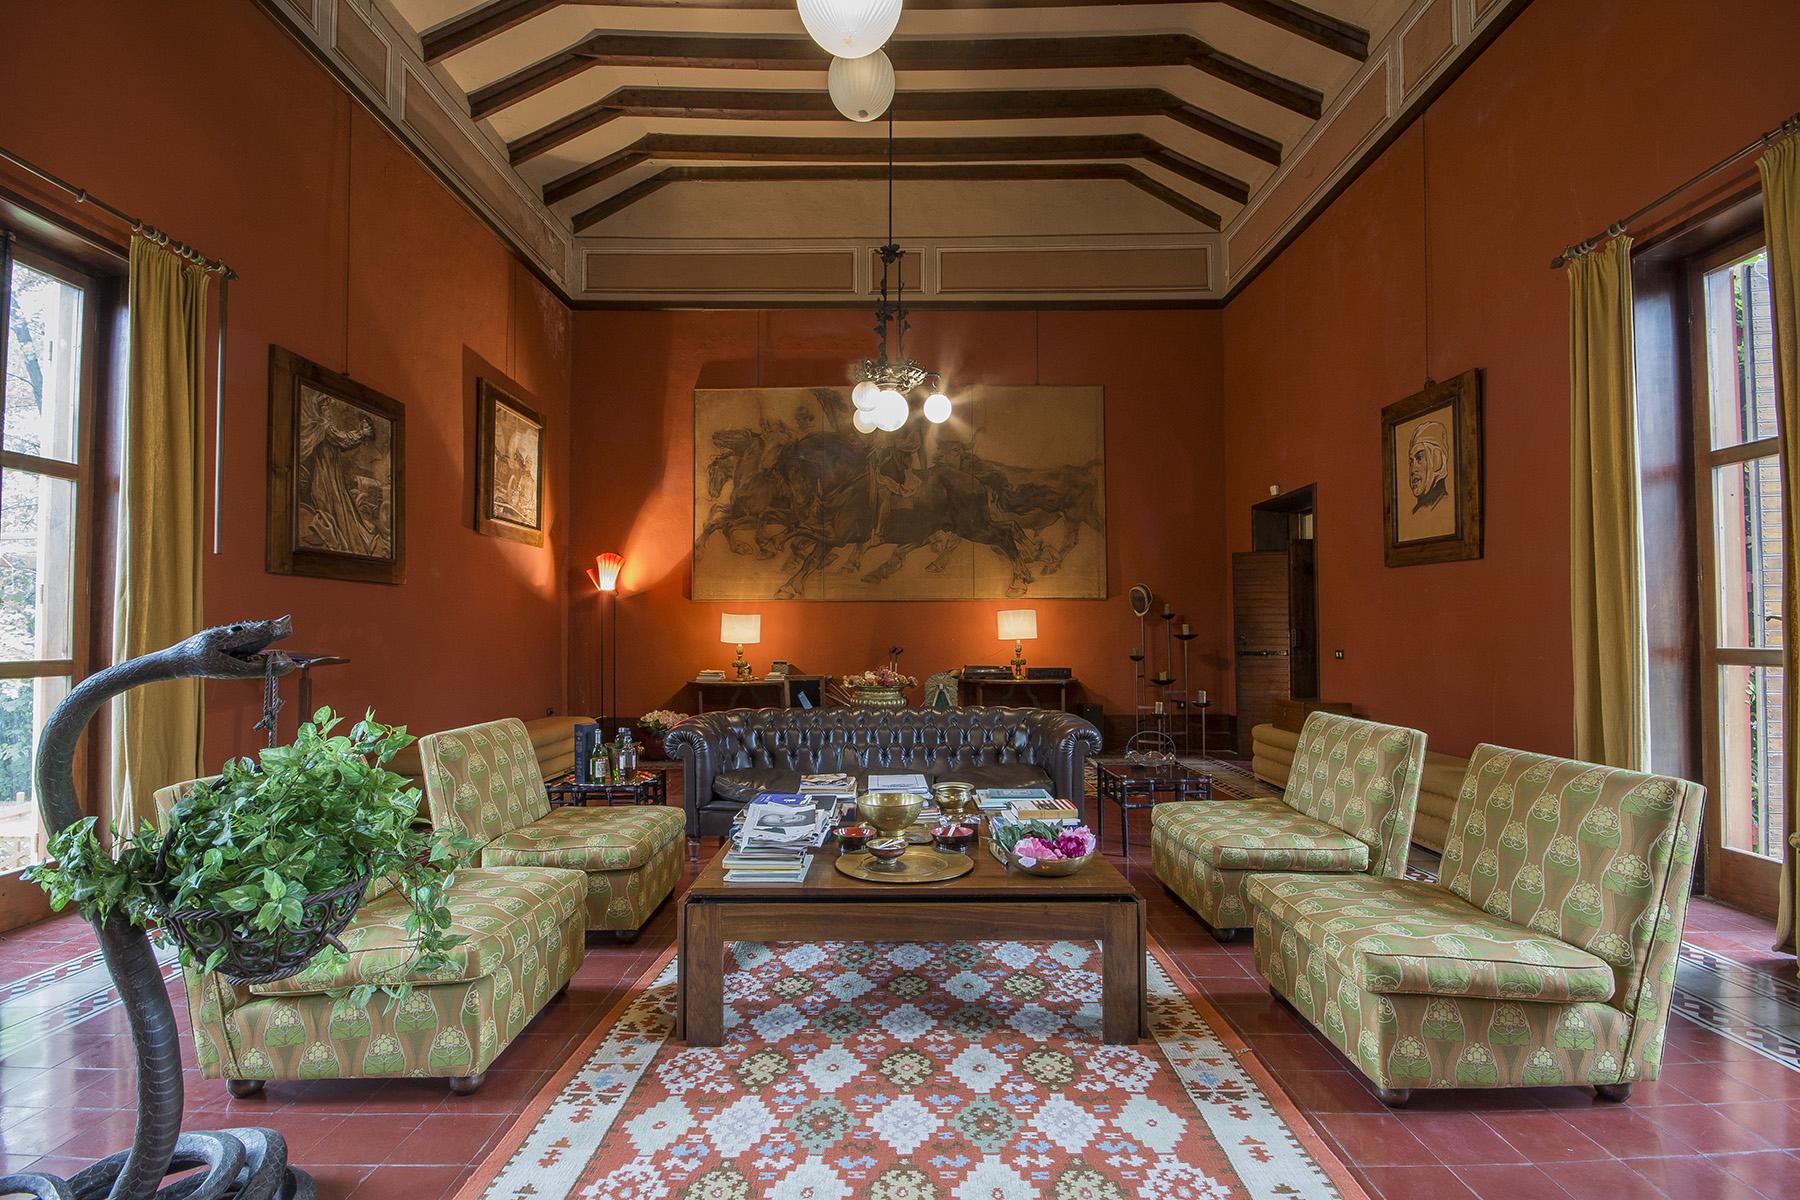 Casa indipendente in Vendita a Traversetolo: 5 locali, 350 mq - Foto 5